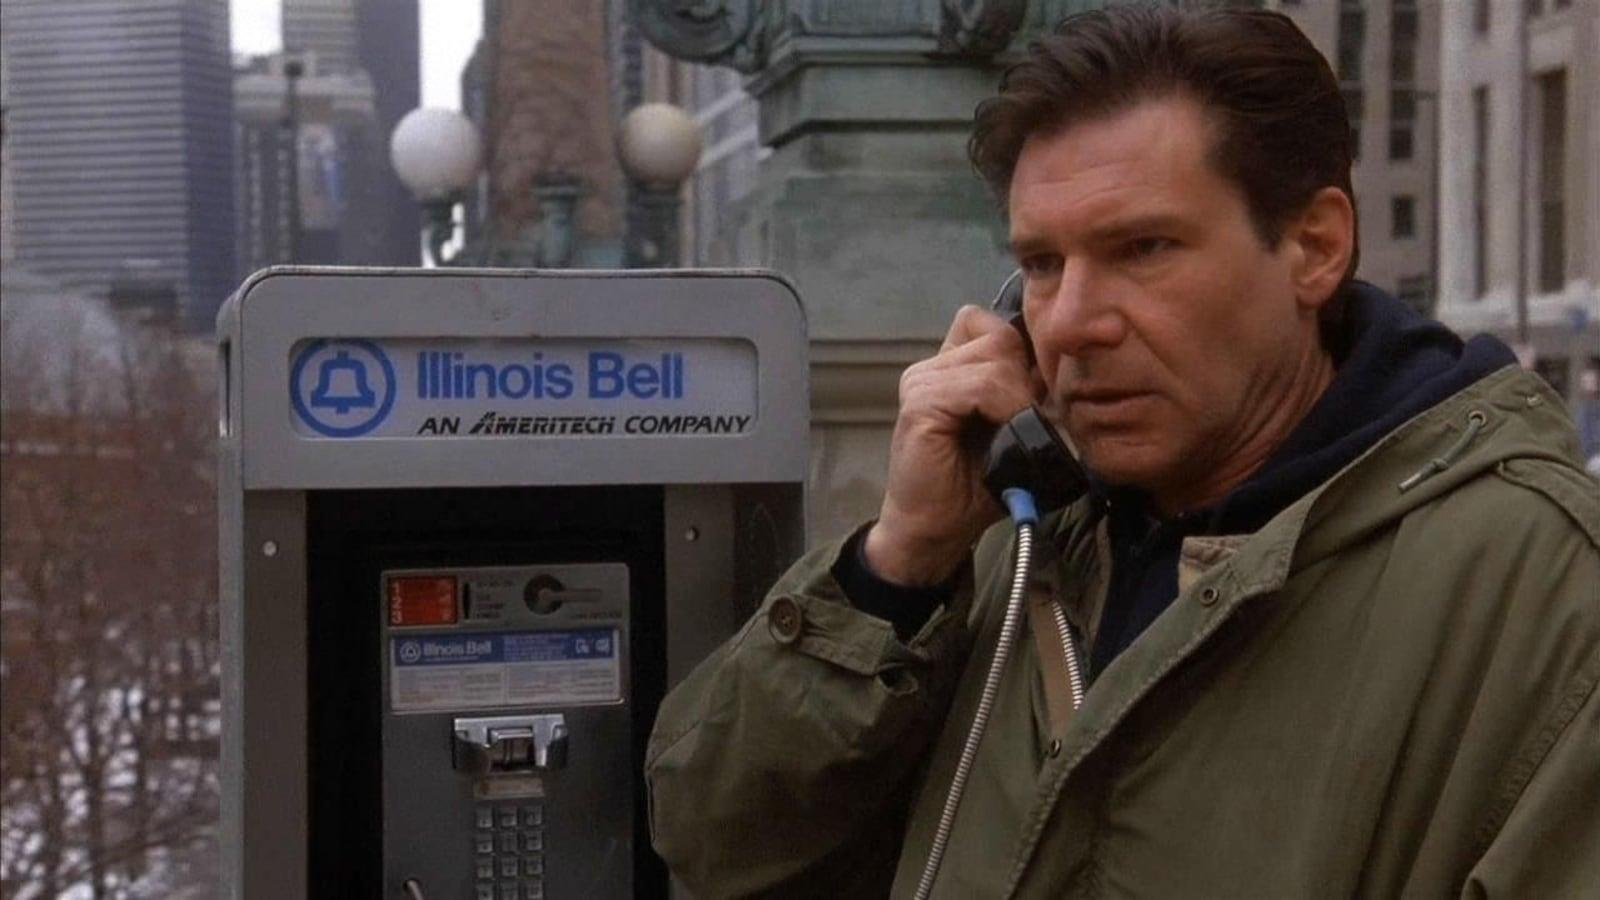 Un homme parle dans le combiné d'une cabine téléphonique.